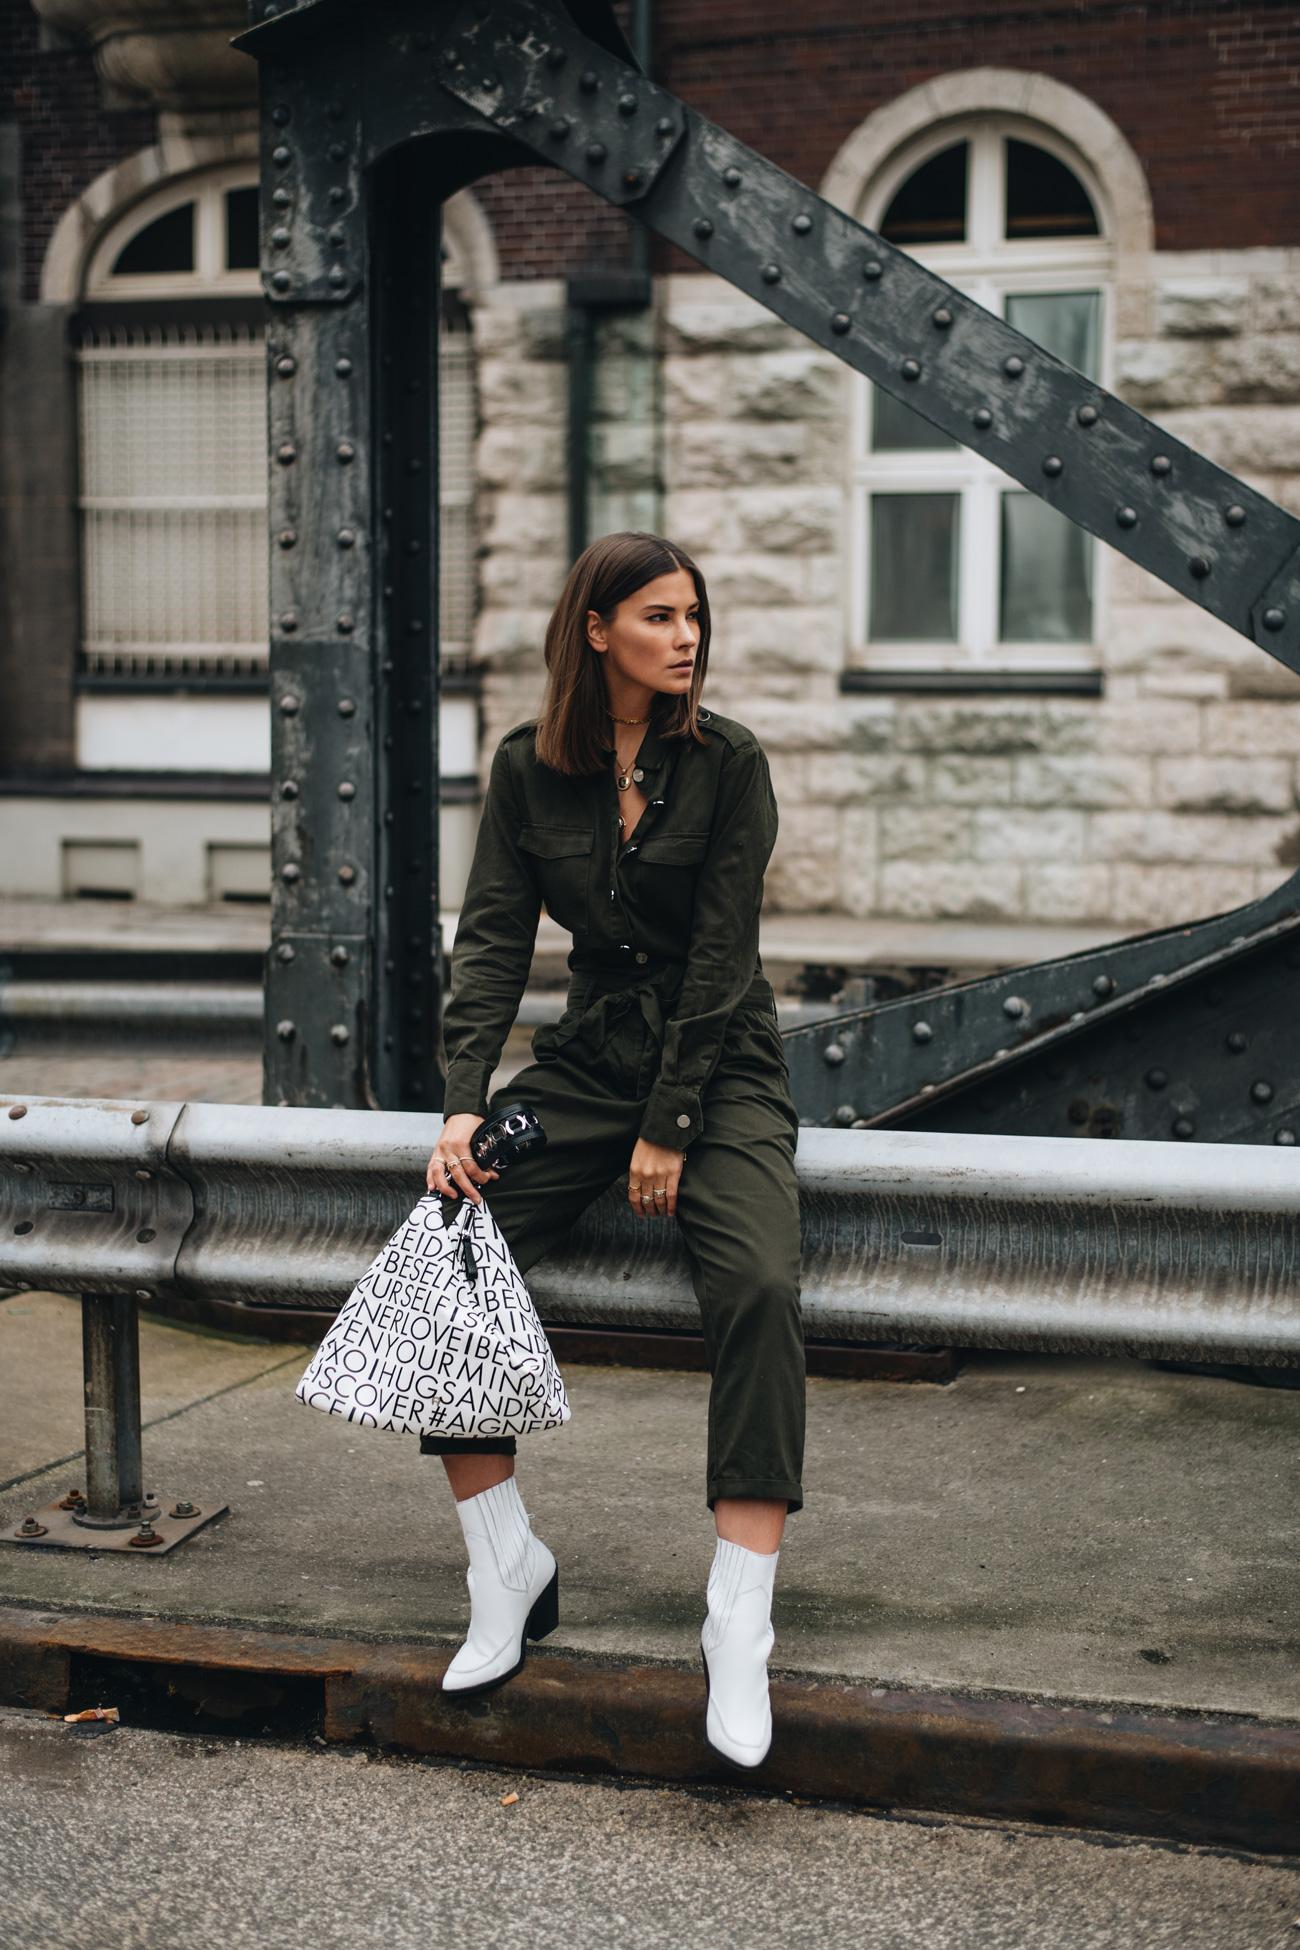 Mode-Trend-Cowboy-Boots-Stiefel-weß-nina-schwichtenberg-fashiioncarpet